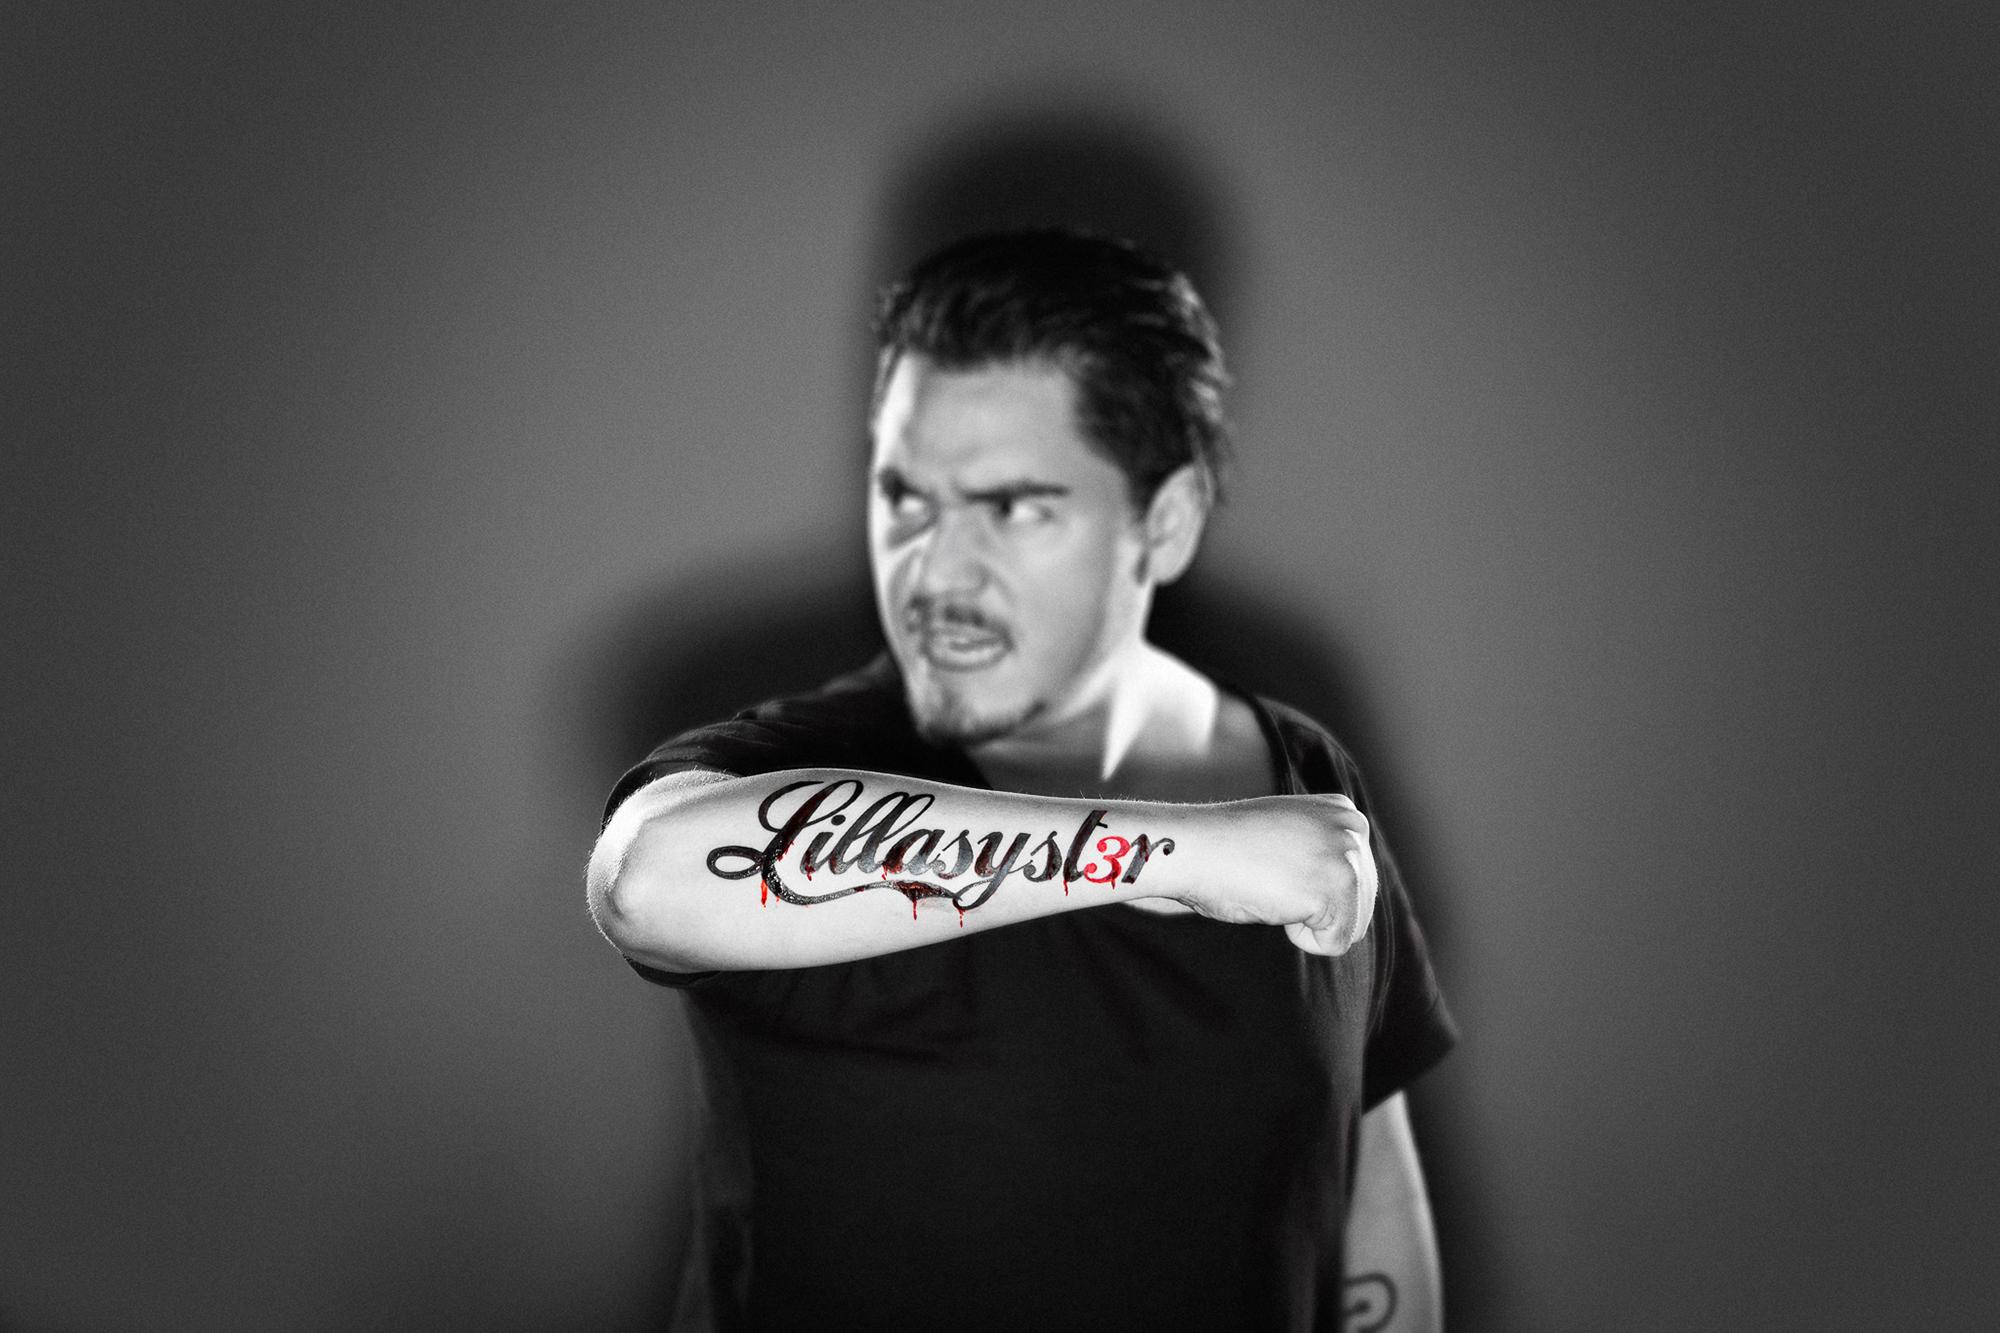 Lillasyster, omslag, Melodifestivalen2021, Ian-Paolo Lira